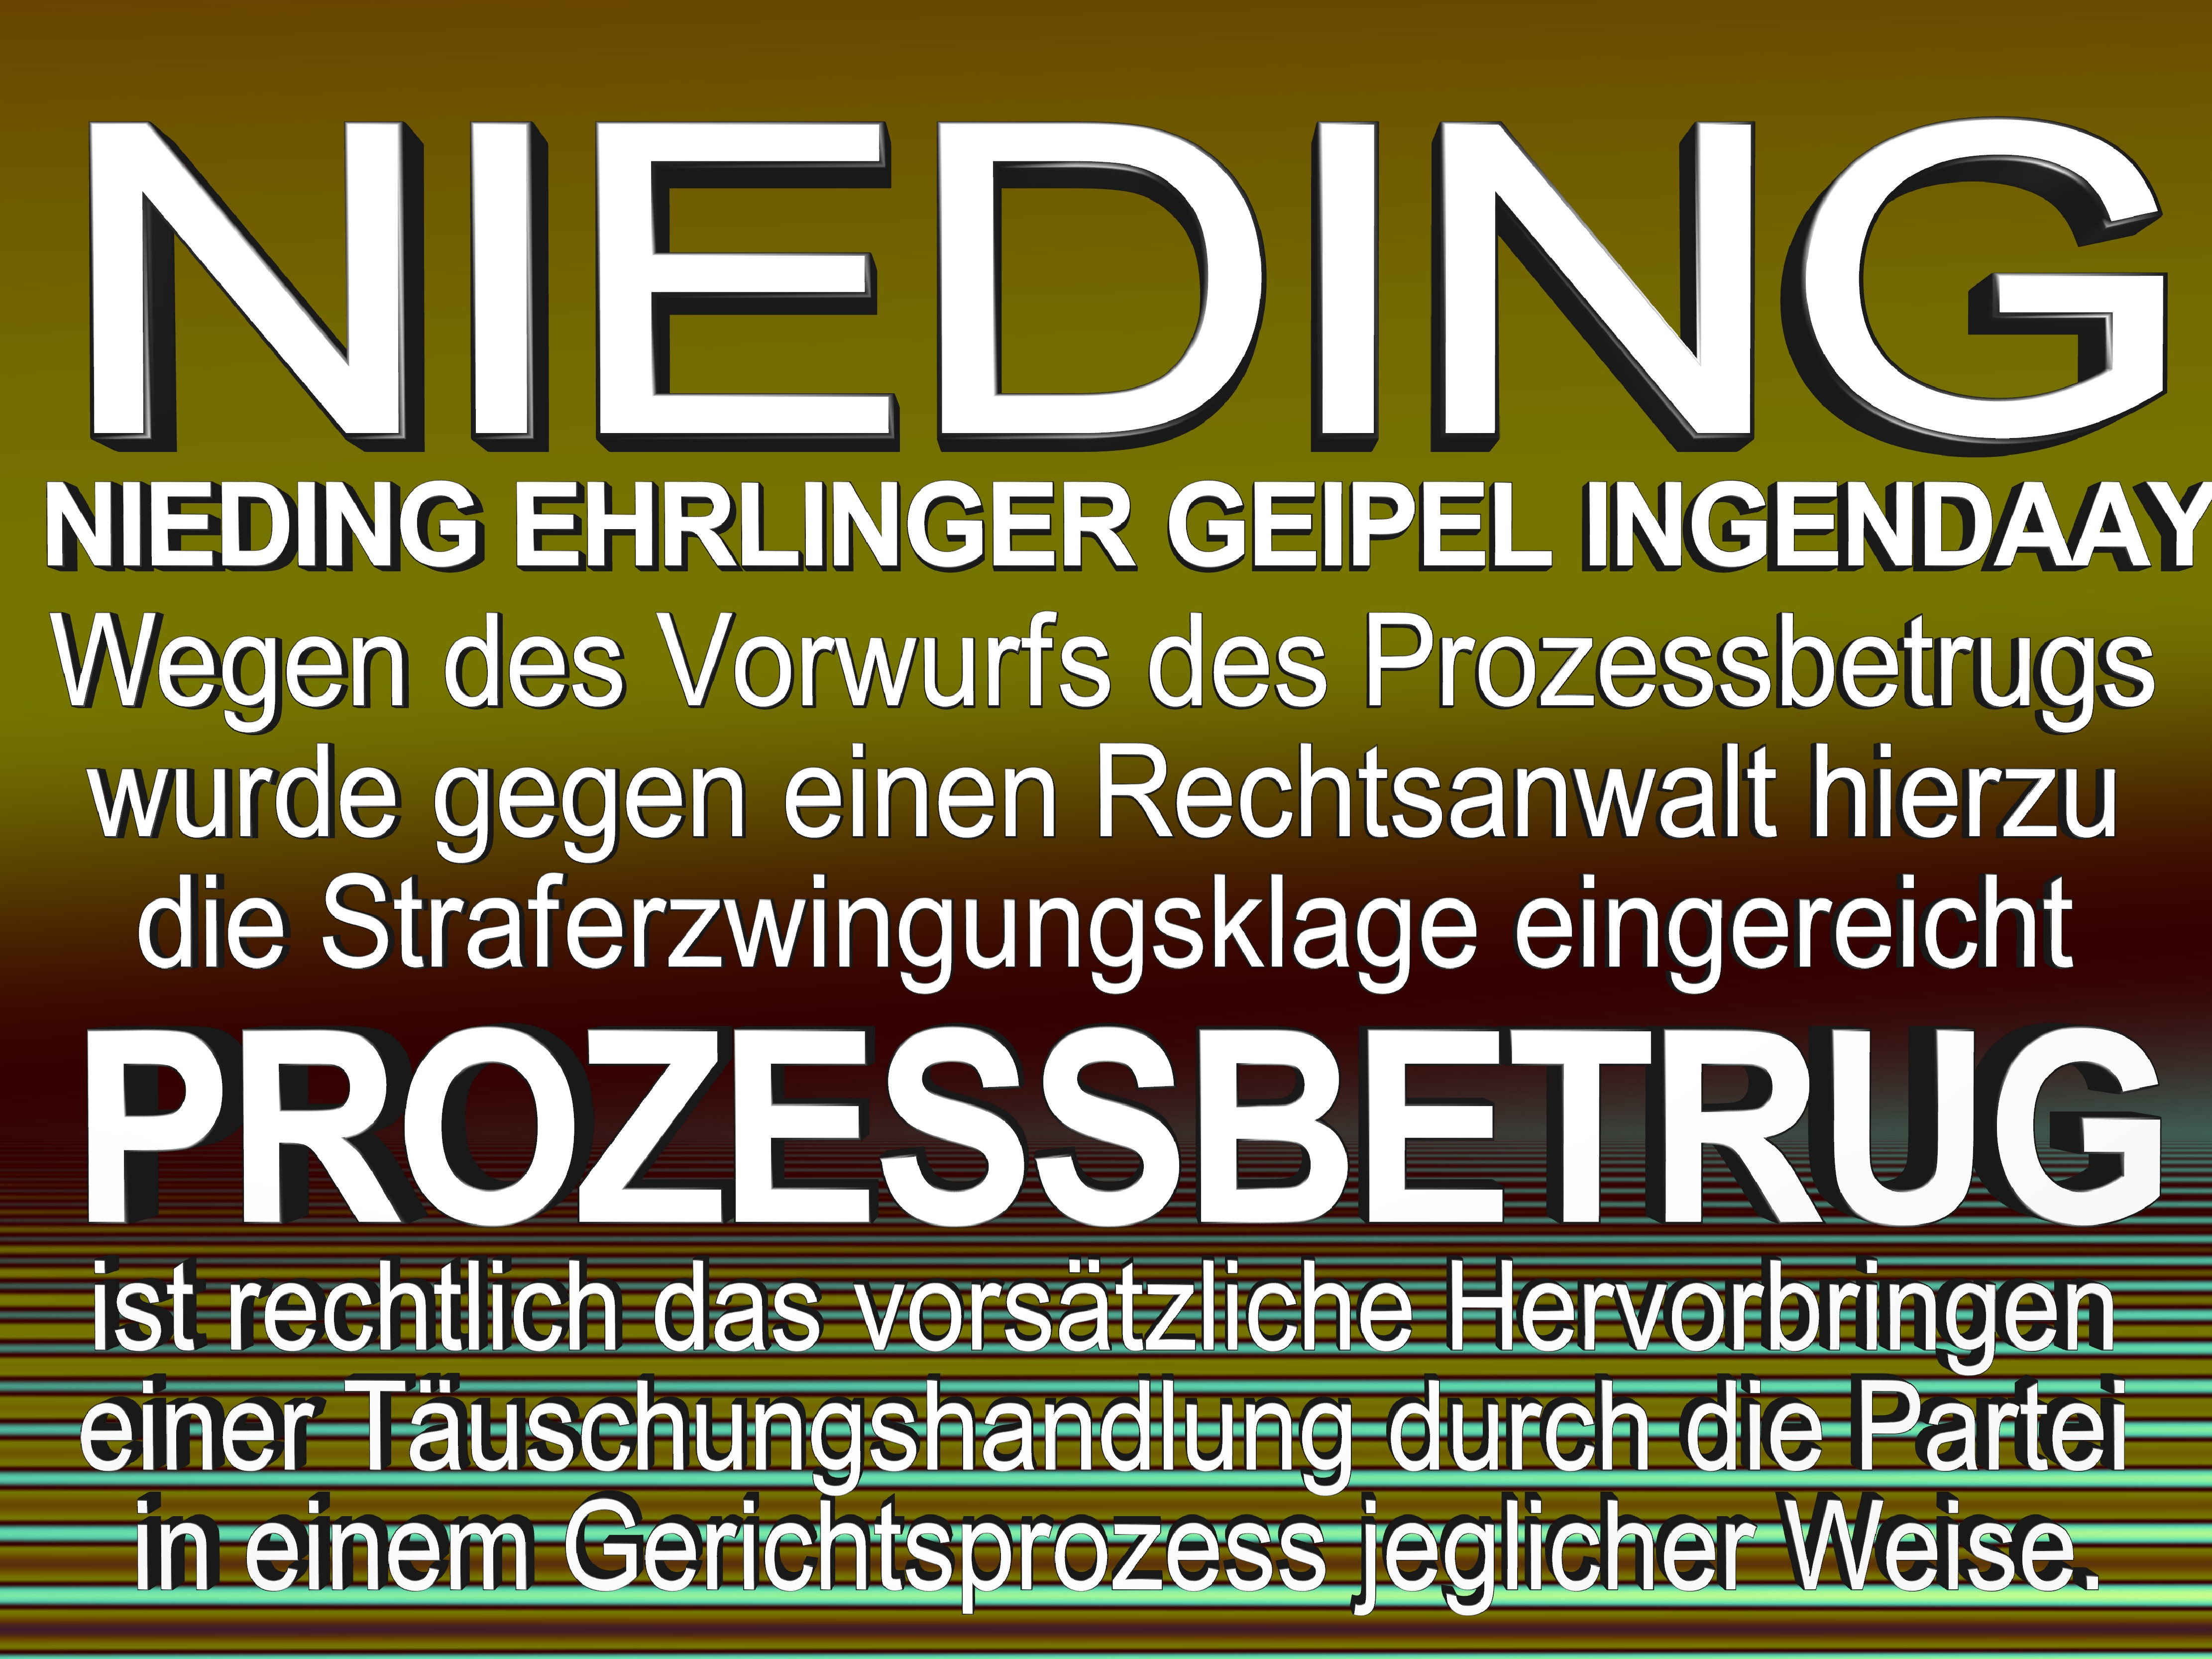 NIEDING EHRLINGER GEIPEL INGENDAAY LELKE Kurfürstendamm 66 Berlin (138)